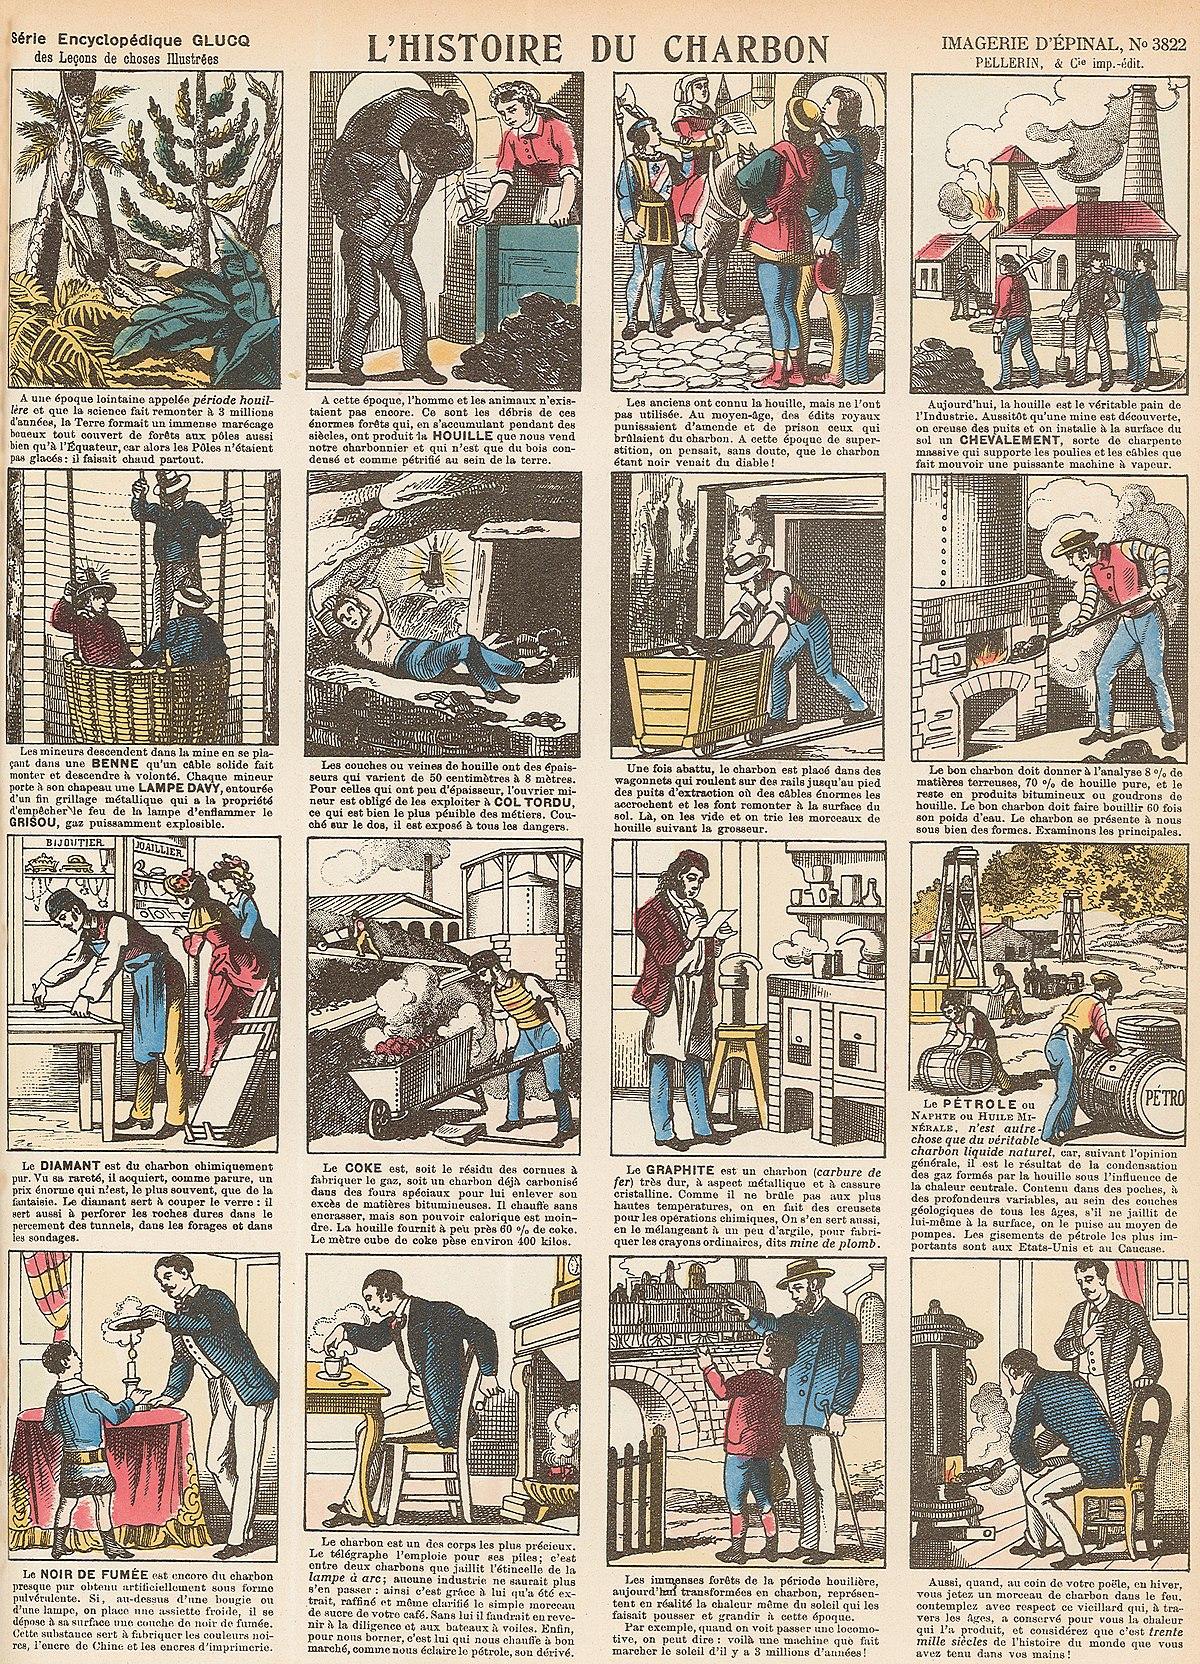 Fileimagerie Dépinal N3822 Lhistoire Du Charbonjpg